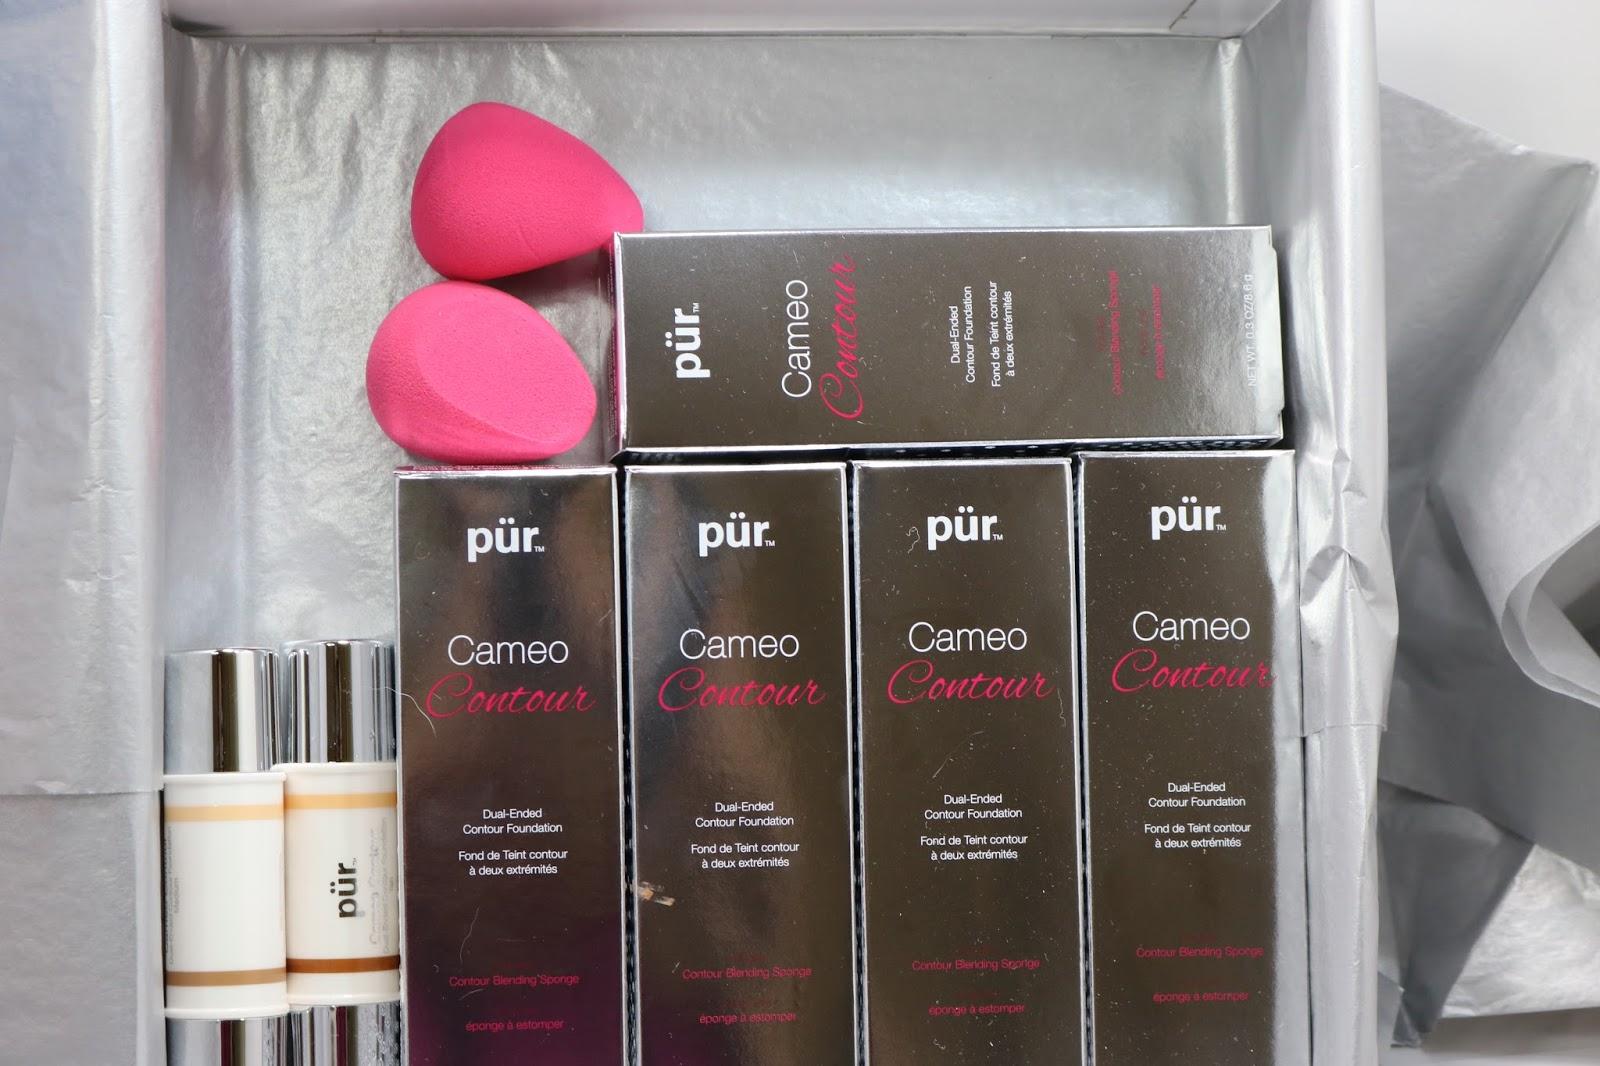 Pür Cameo Contour Stick Dual-Ended Contour Foundation